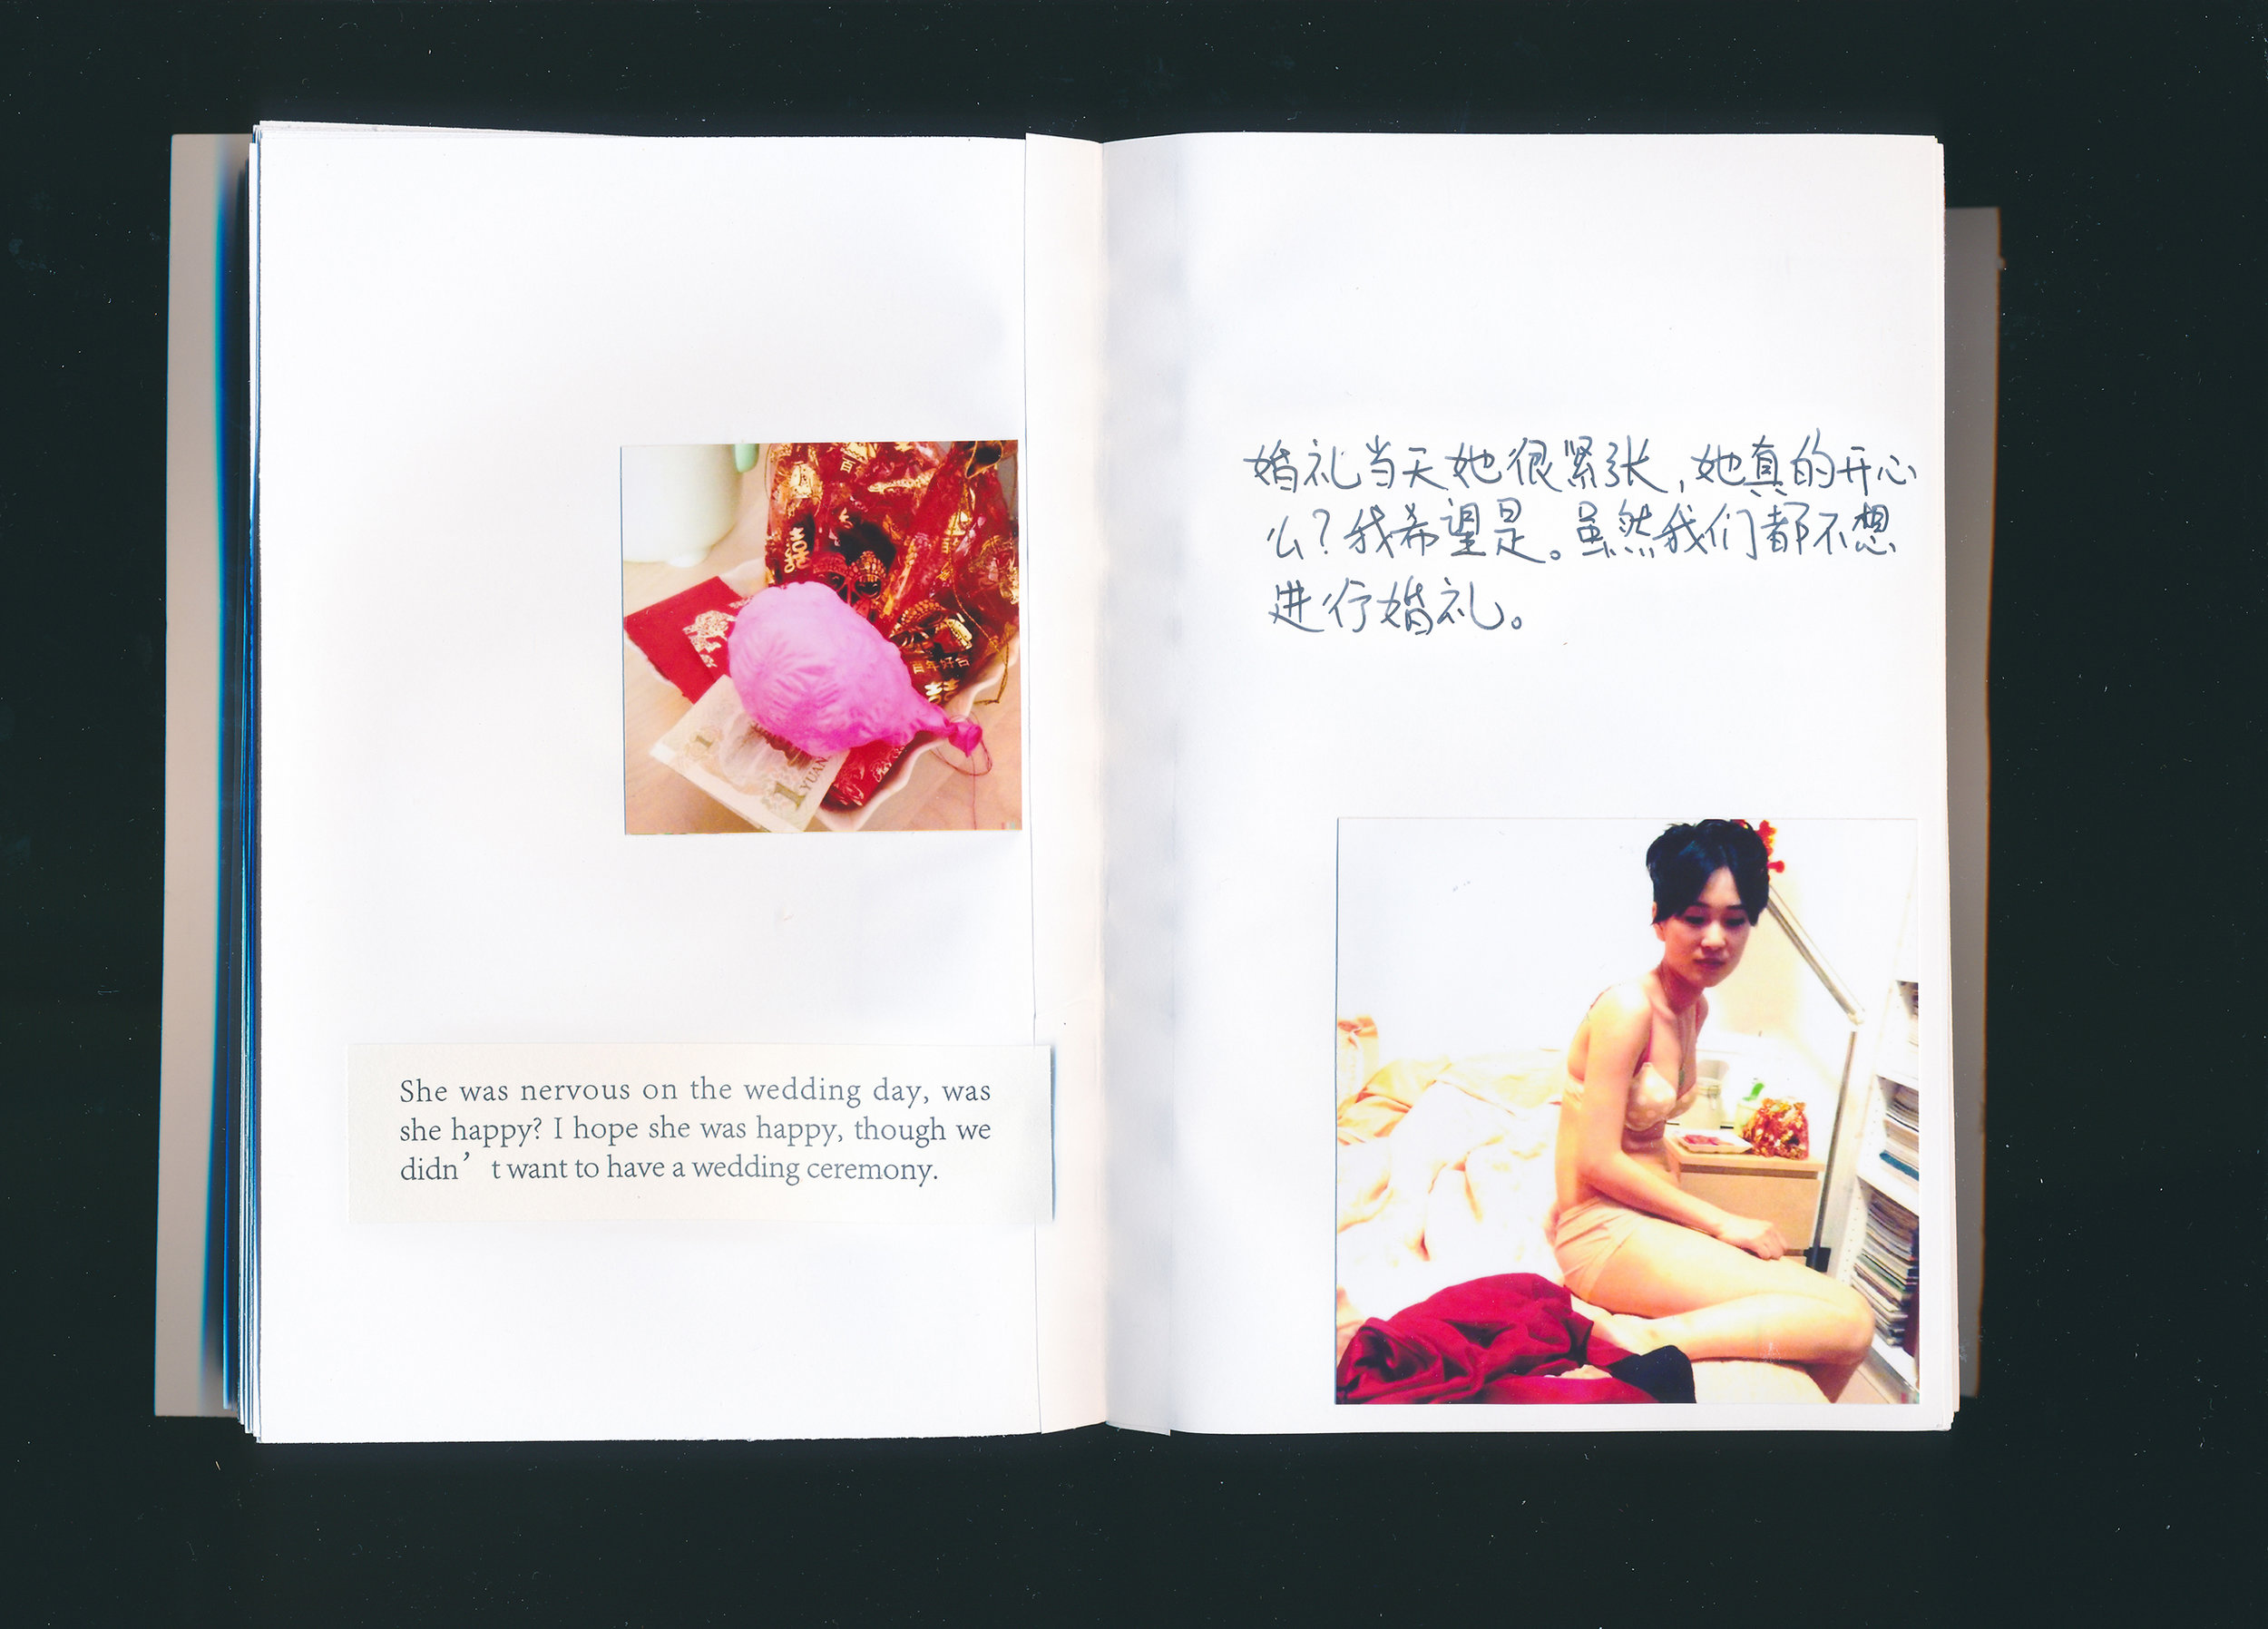 3_Yanmei_Jiang_In_My_Eyes_004.jpg